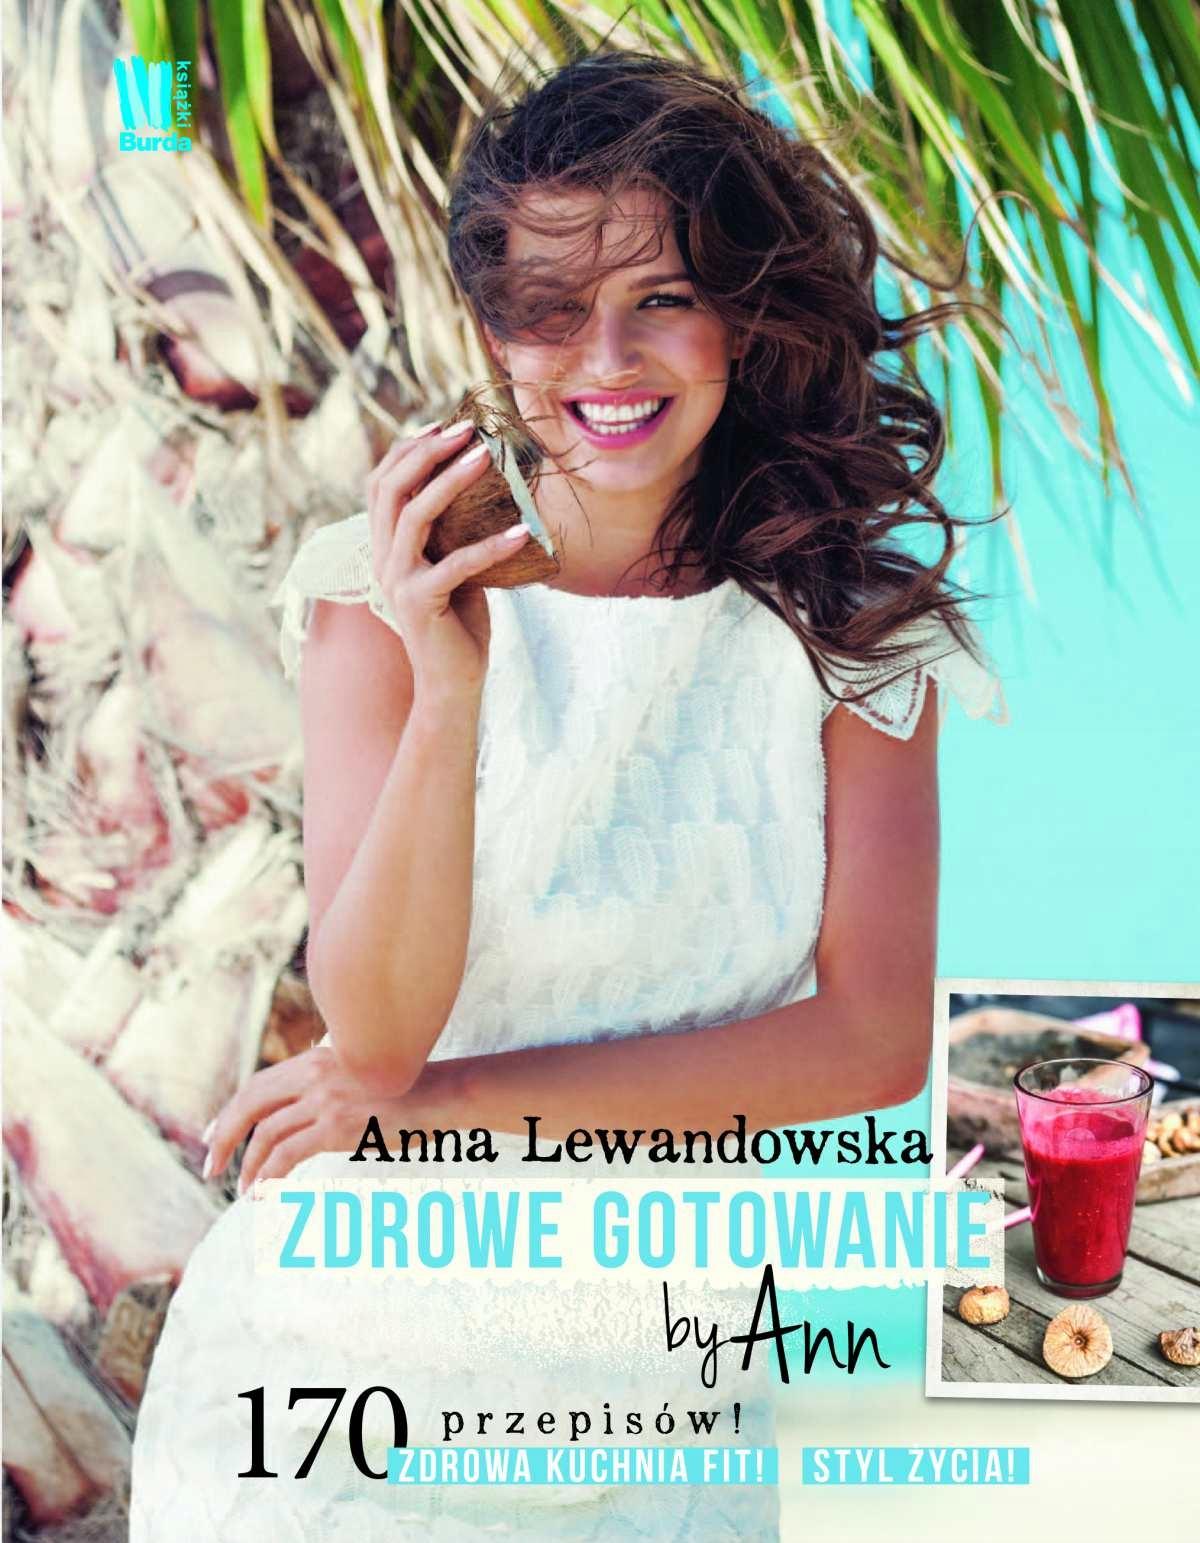 Zdrowe gotowanie by Ann Anna Lewandowska